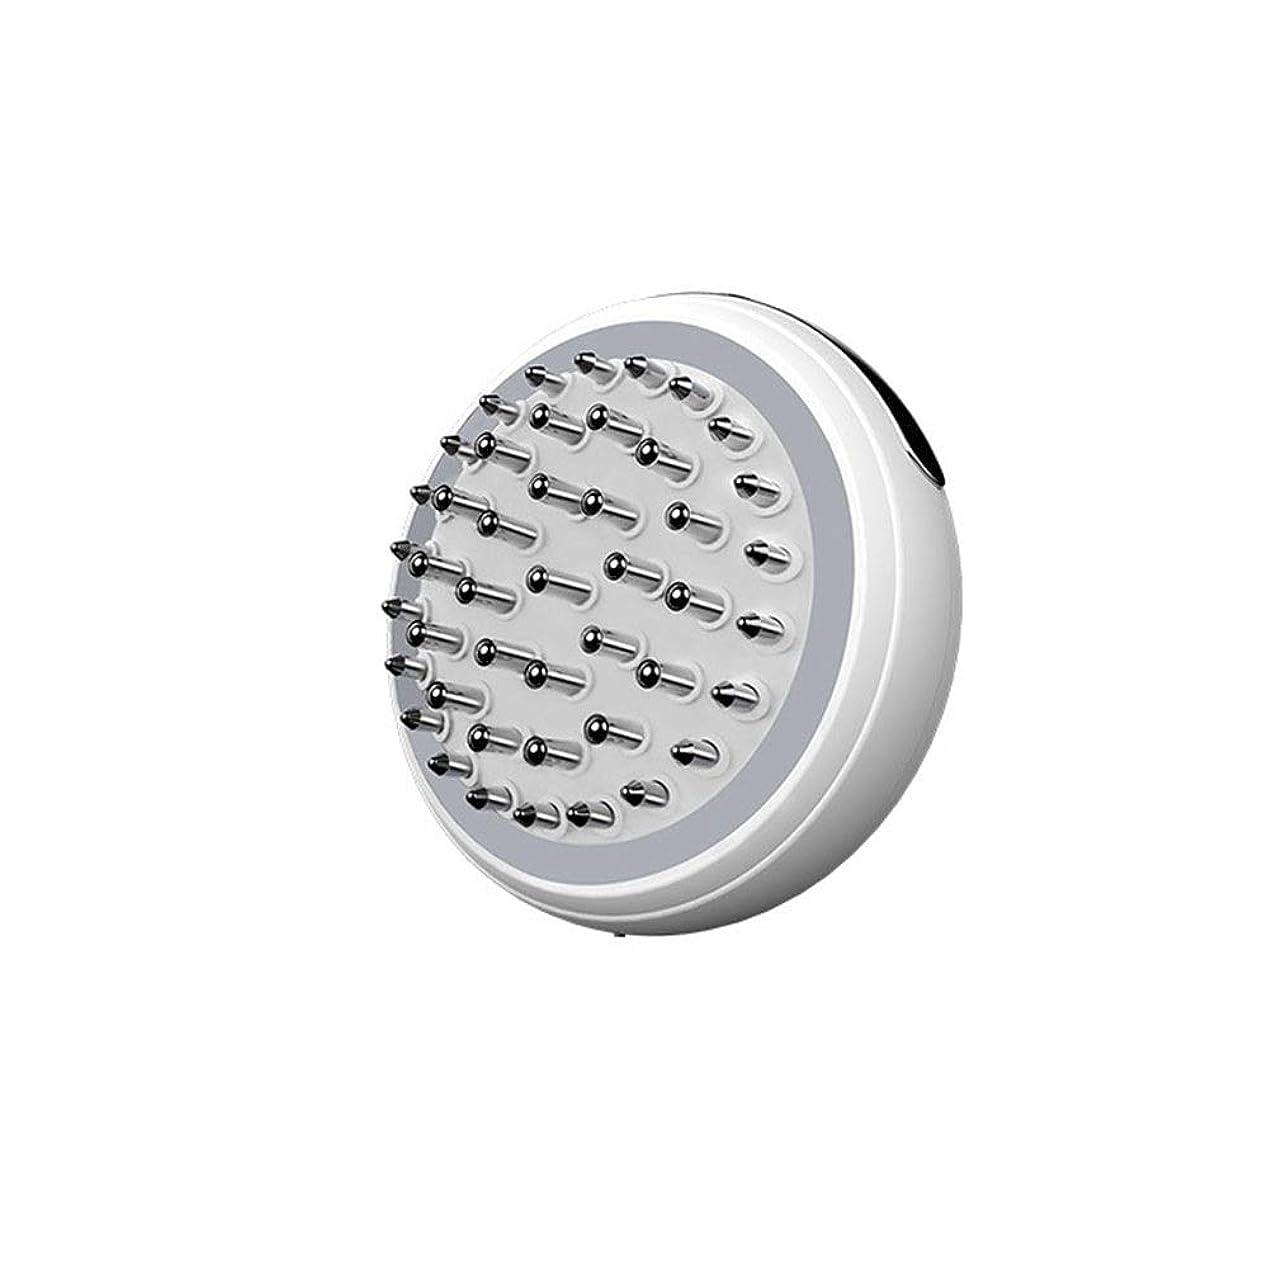 フォージ種順応性のあるヘアコーム家庭用EMSマイクロ電流Ionマッサージくし赤外線健康開発マッサージ機器